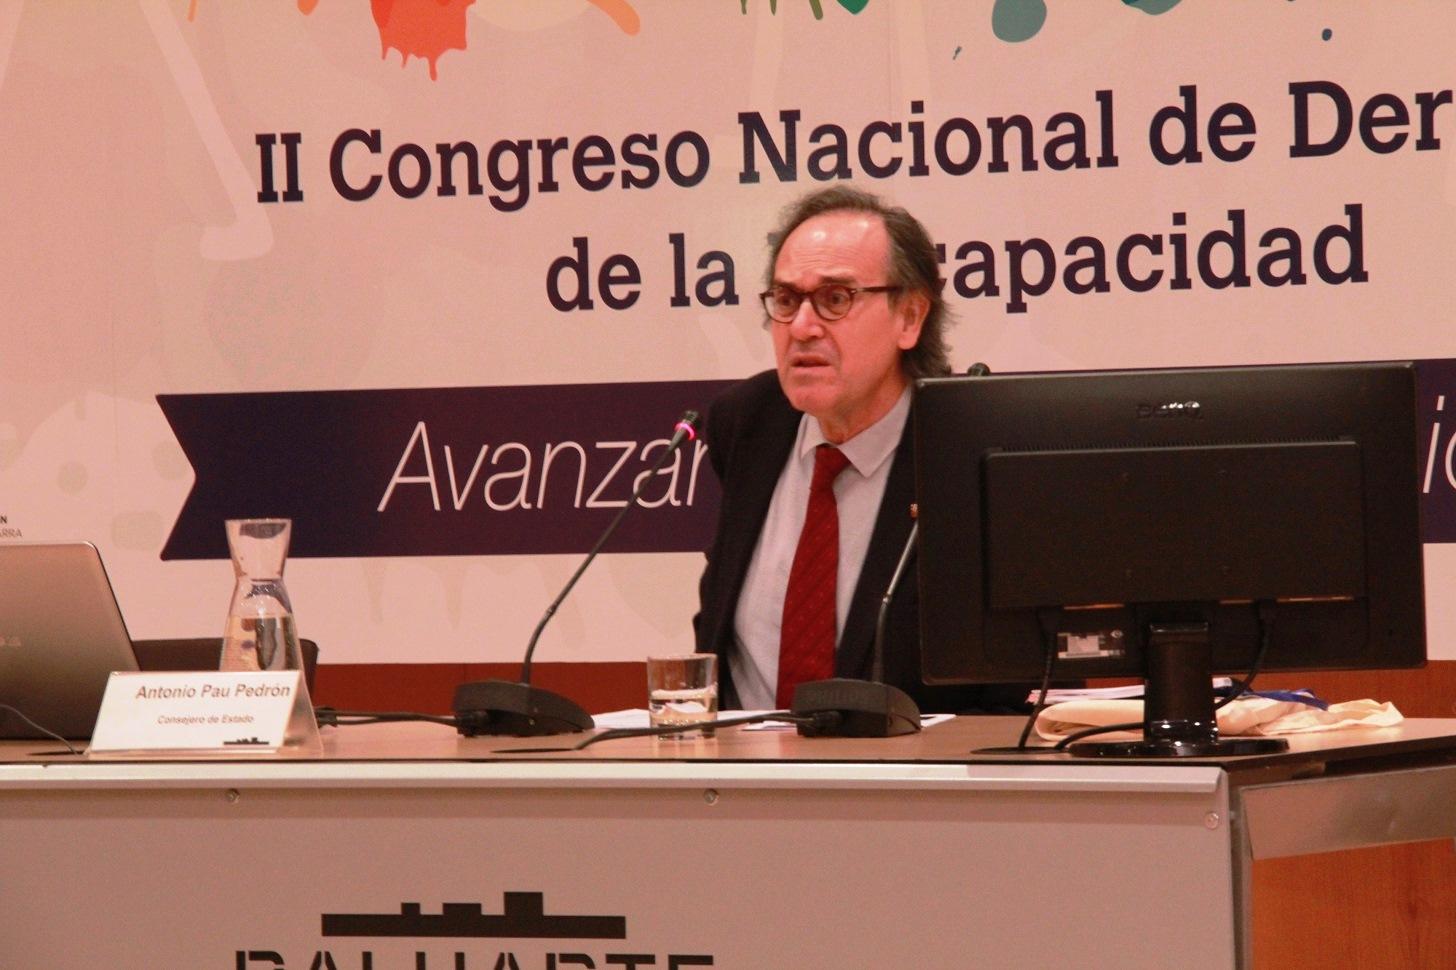 Antonio Pau.